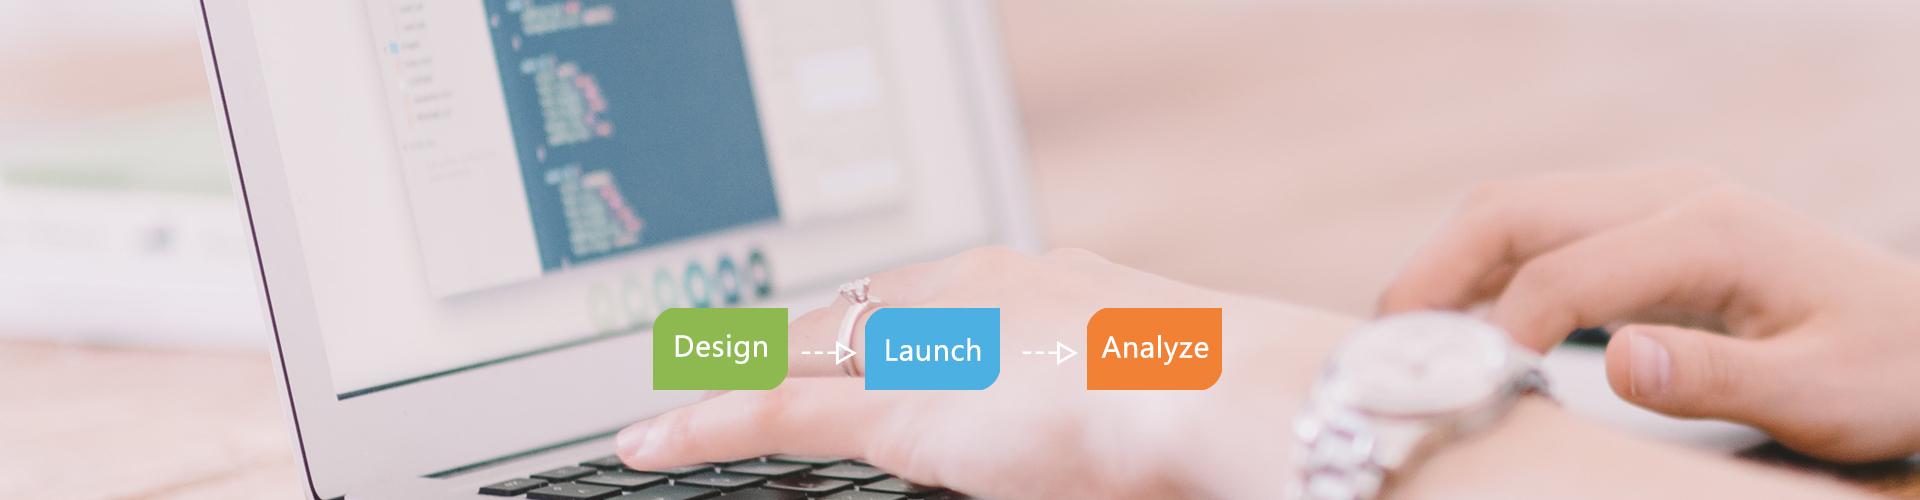 Free Online Survey & Questionnaire Tool | SutiSurvey